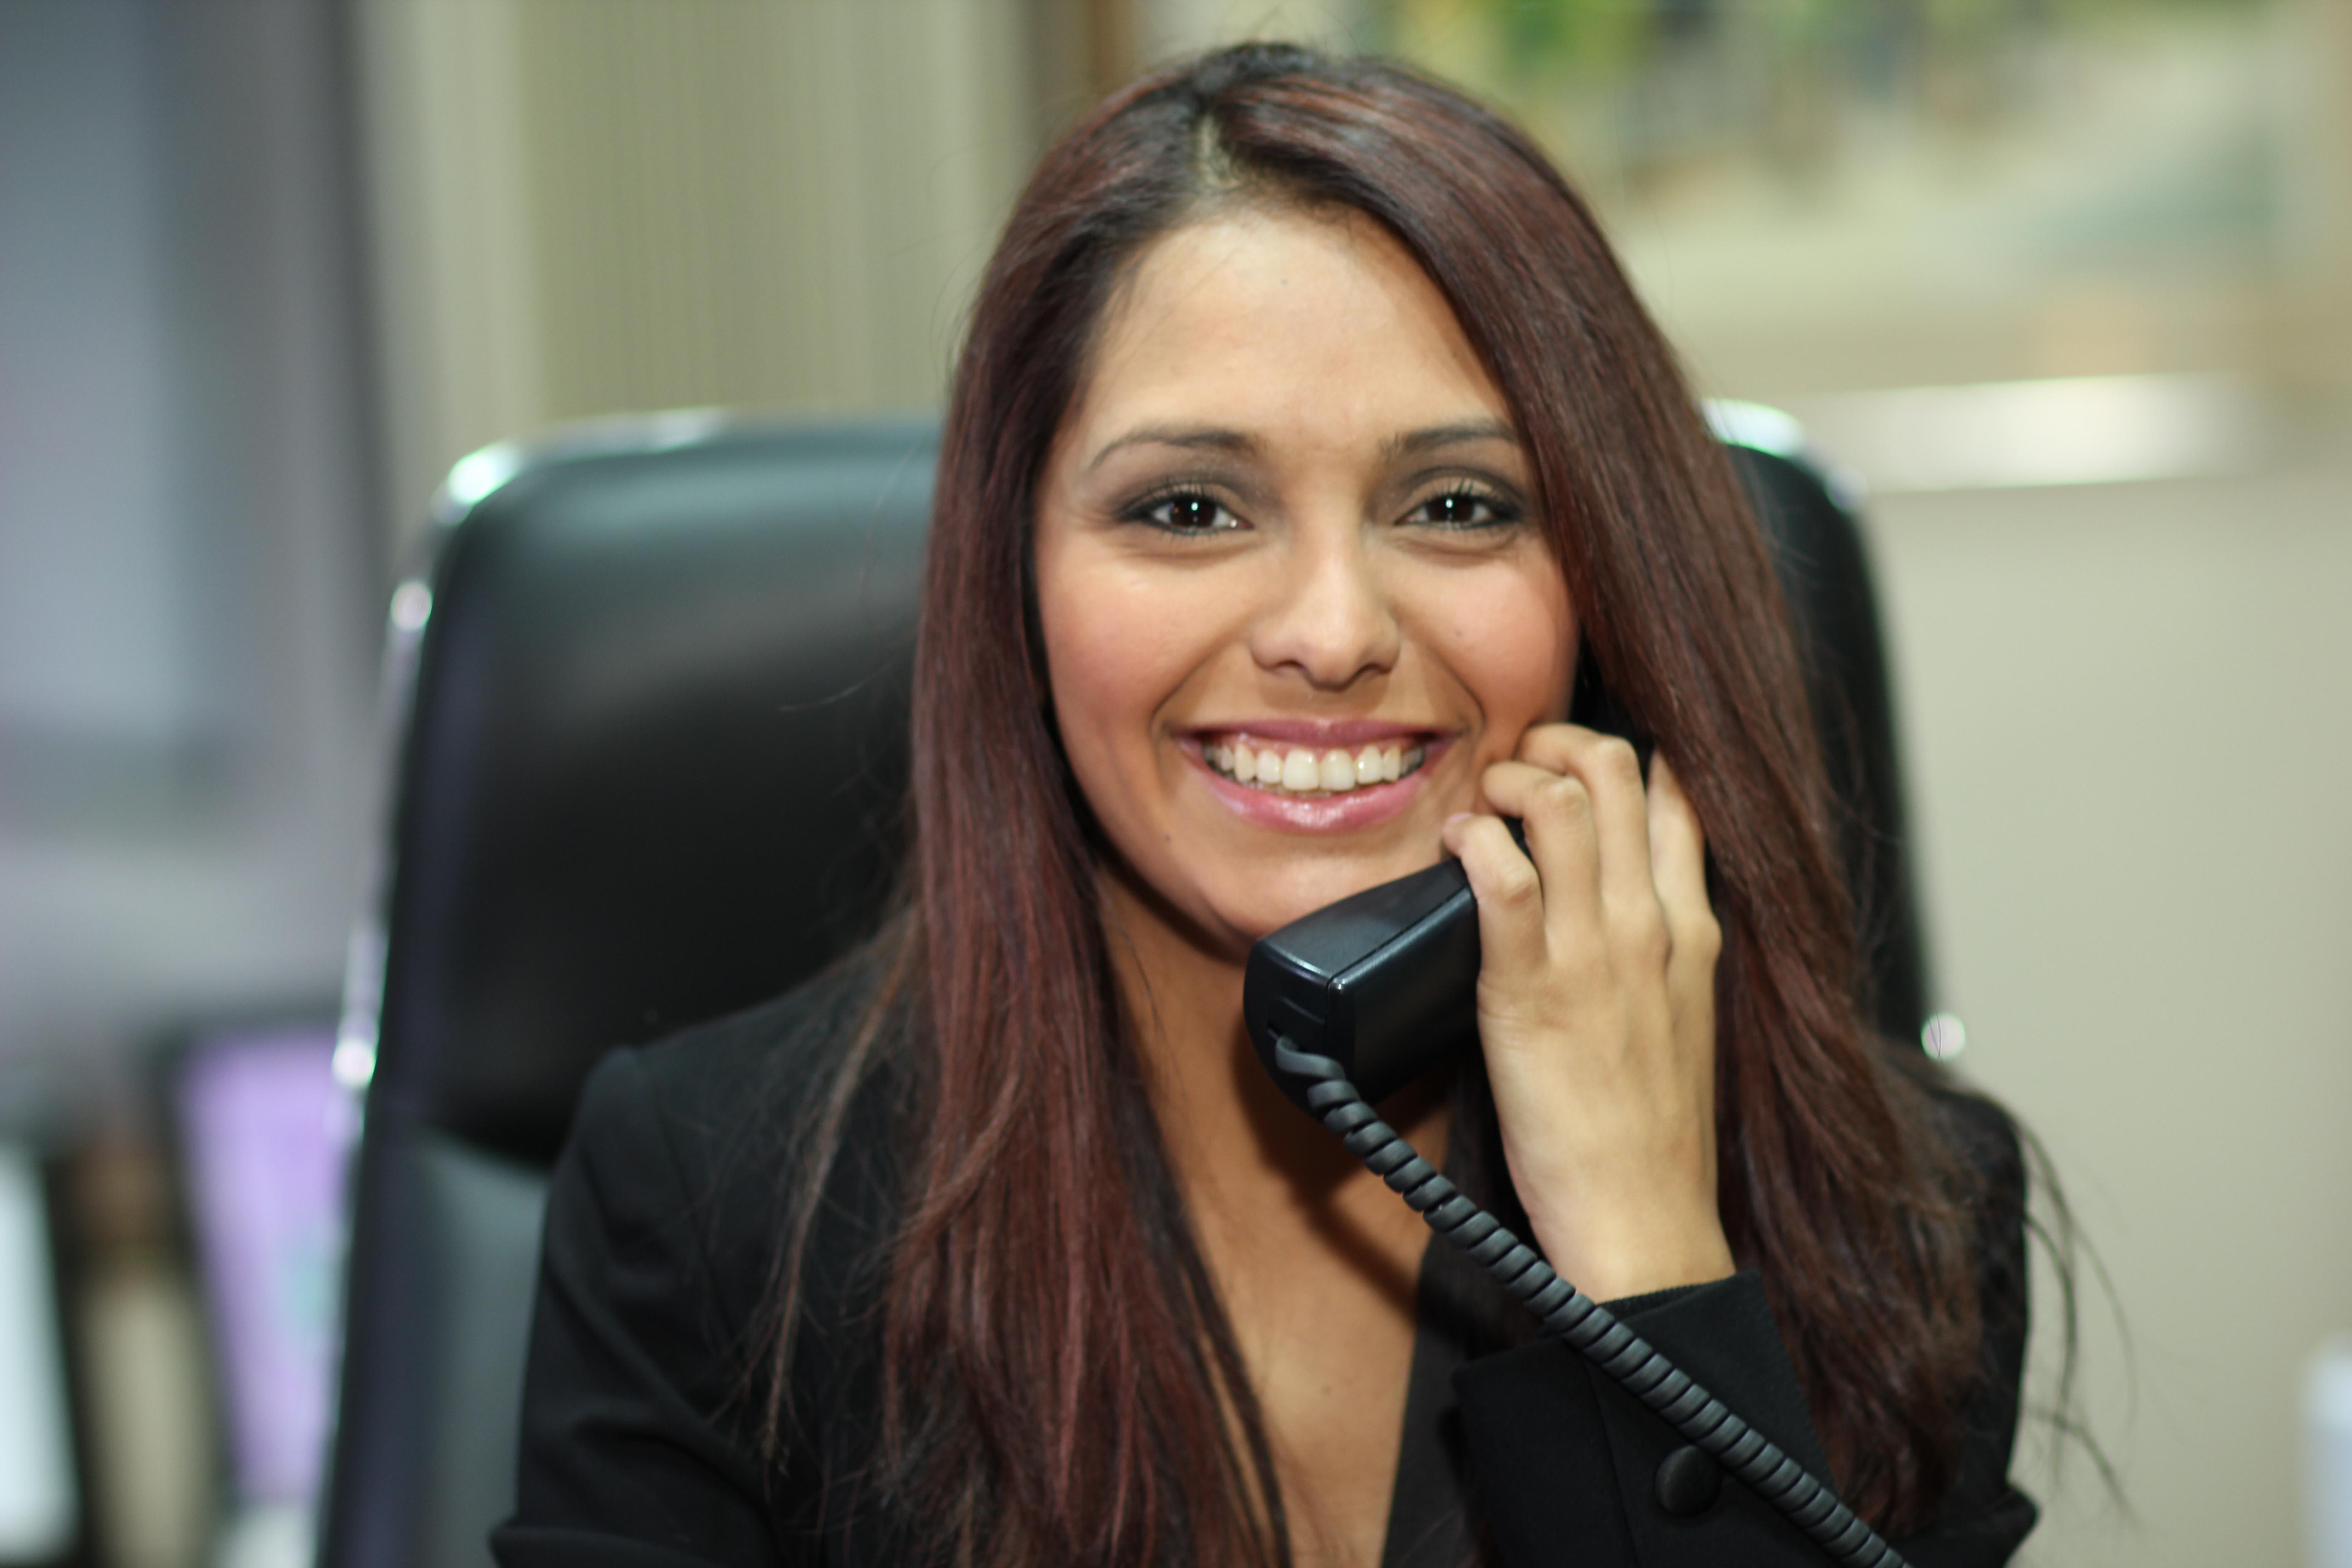 Nora Reyes